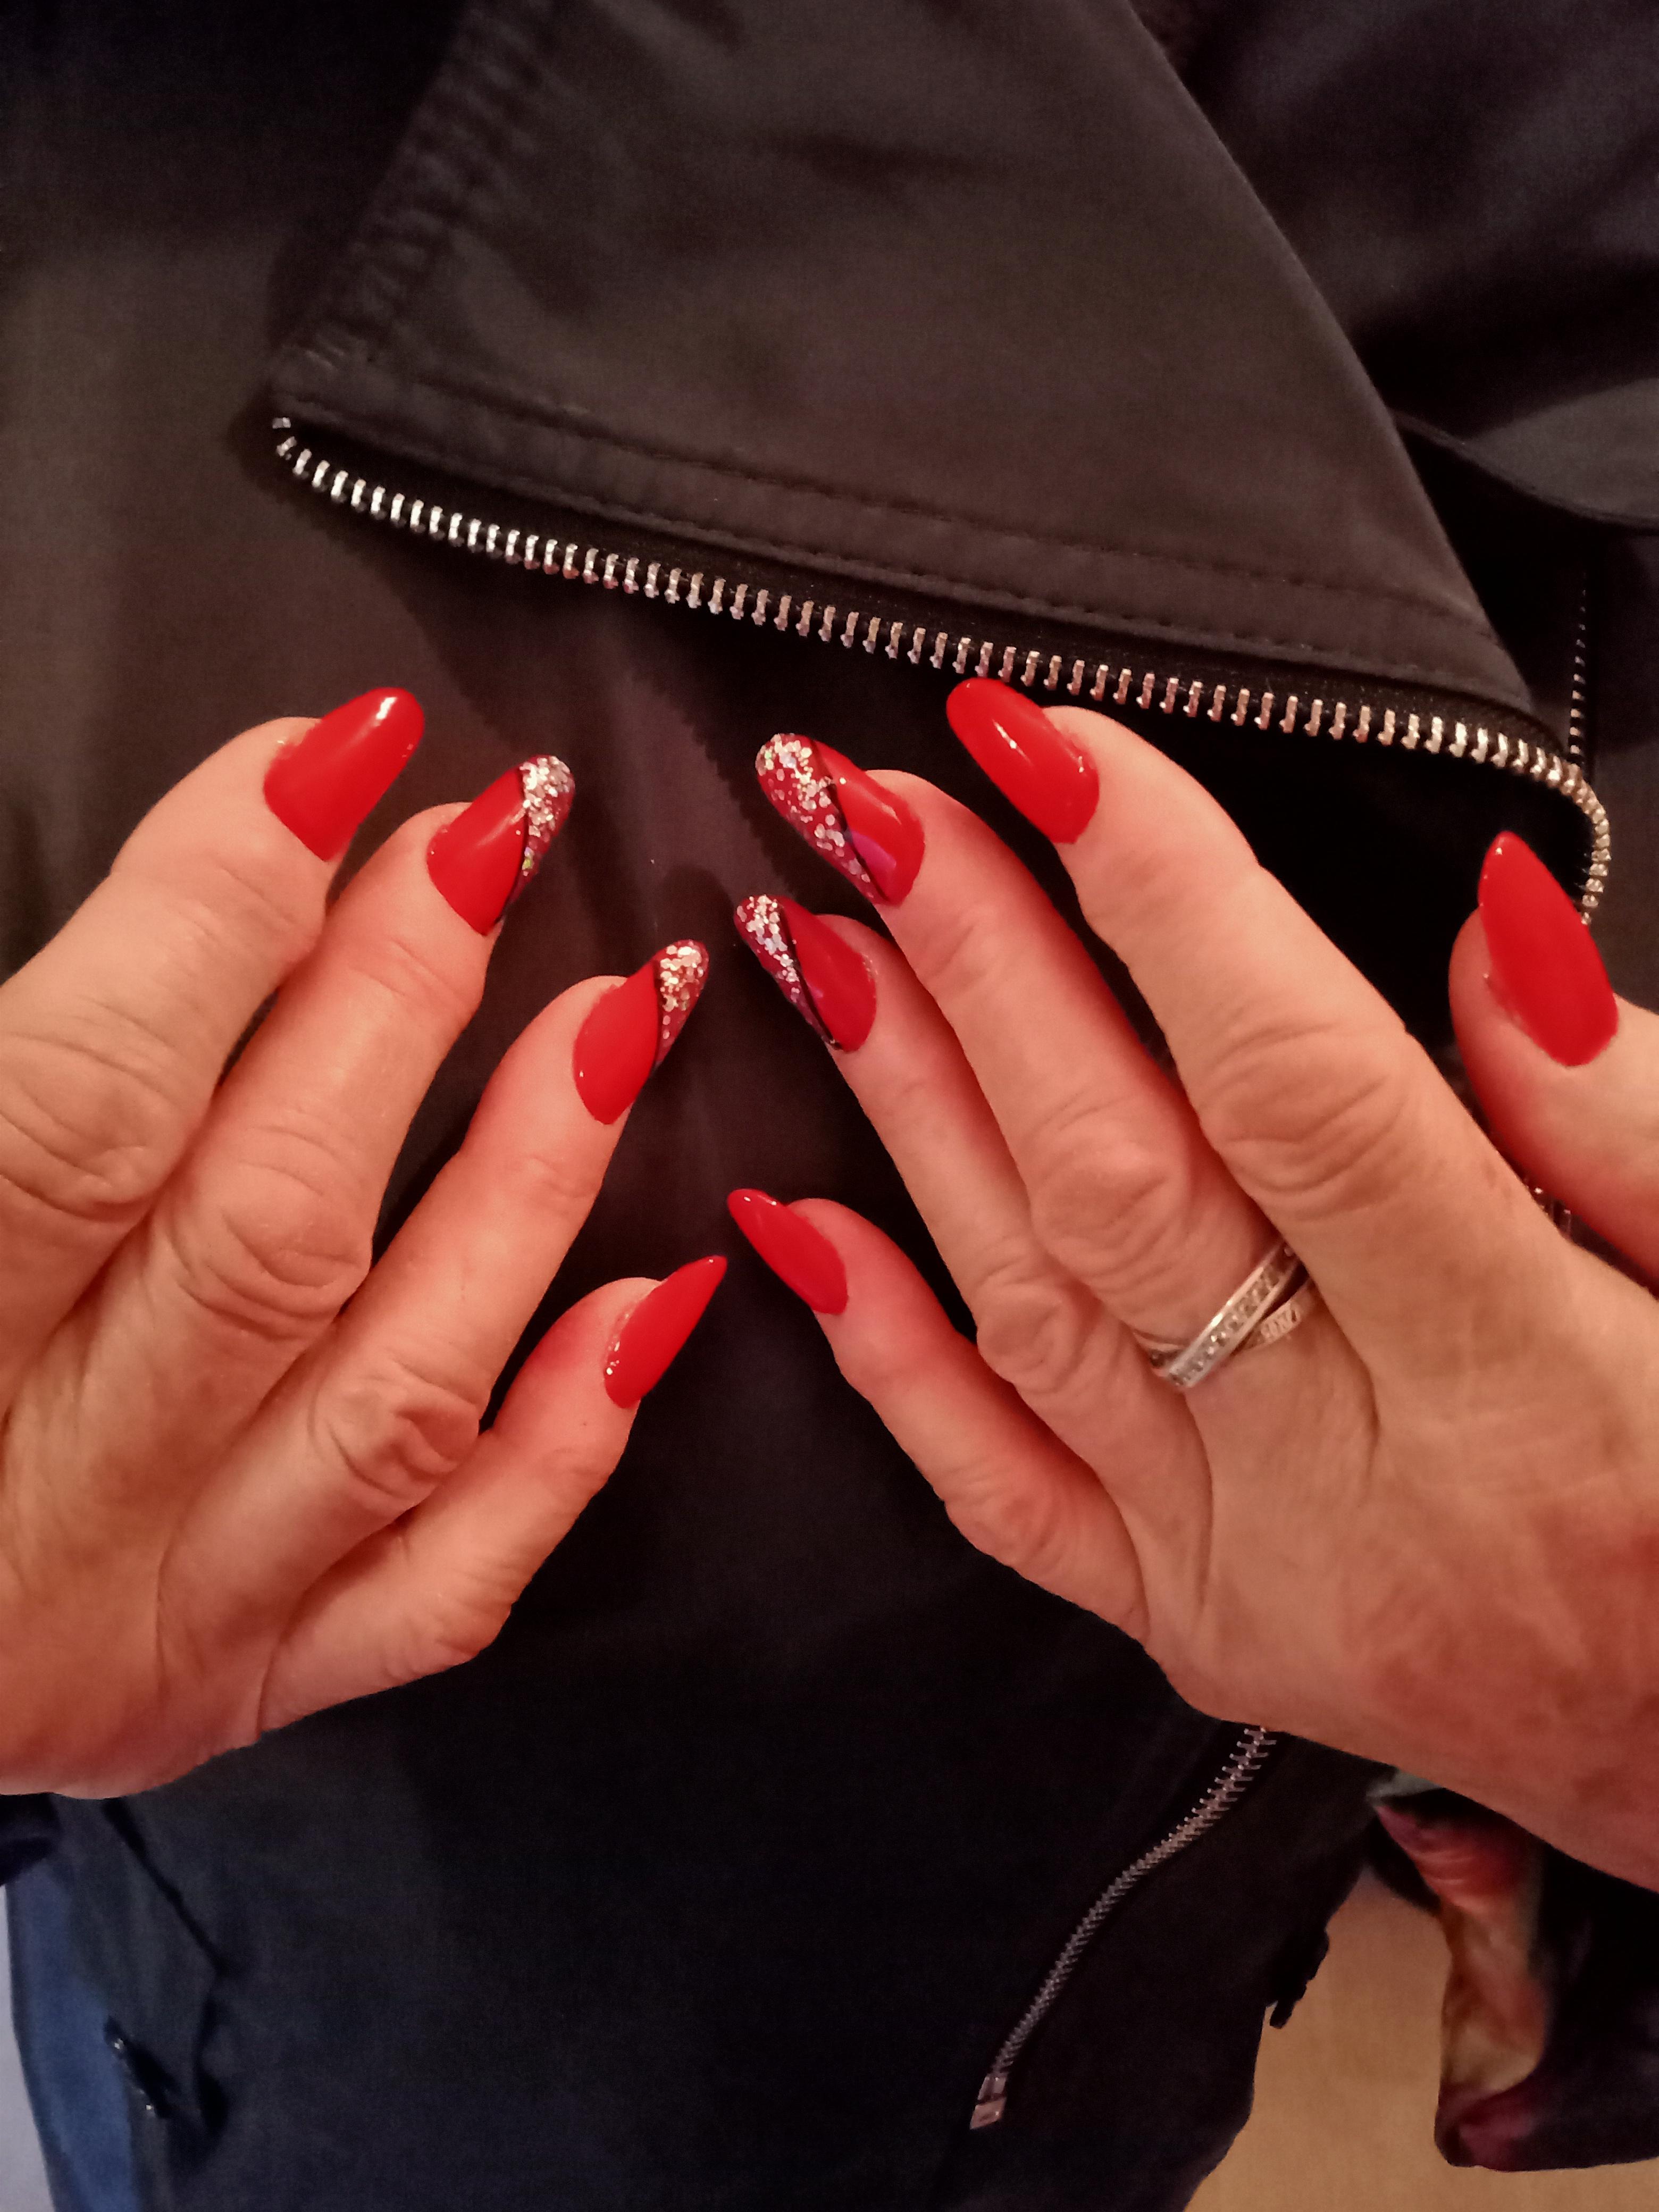 Возрастные руки 65 лет, наращивание полигелем. Я ученик 🙈